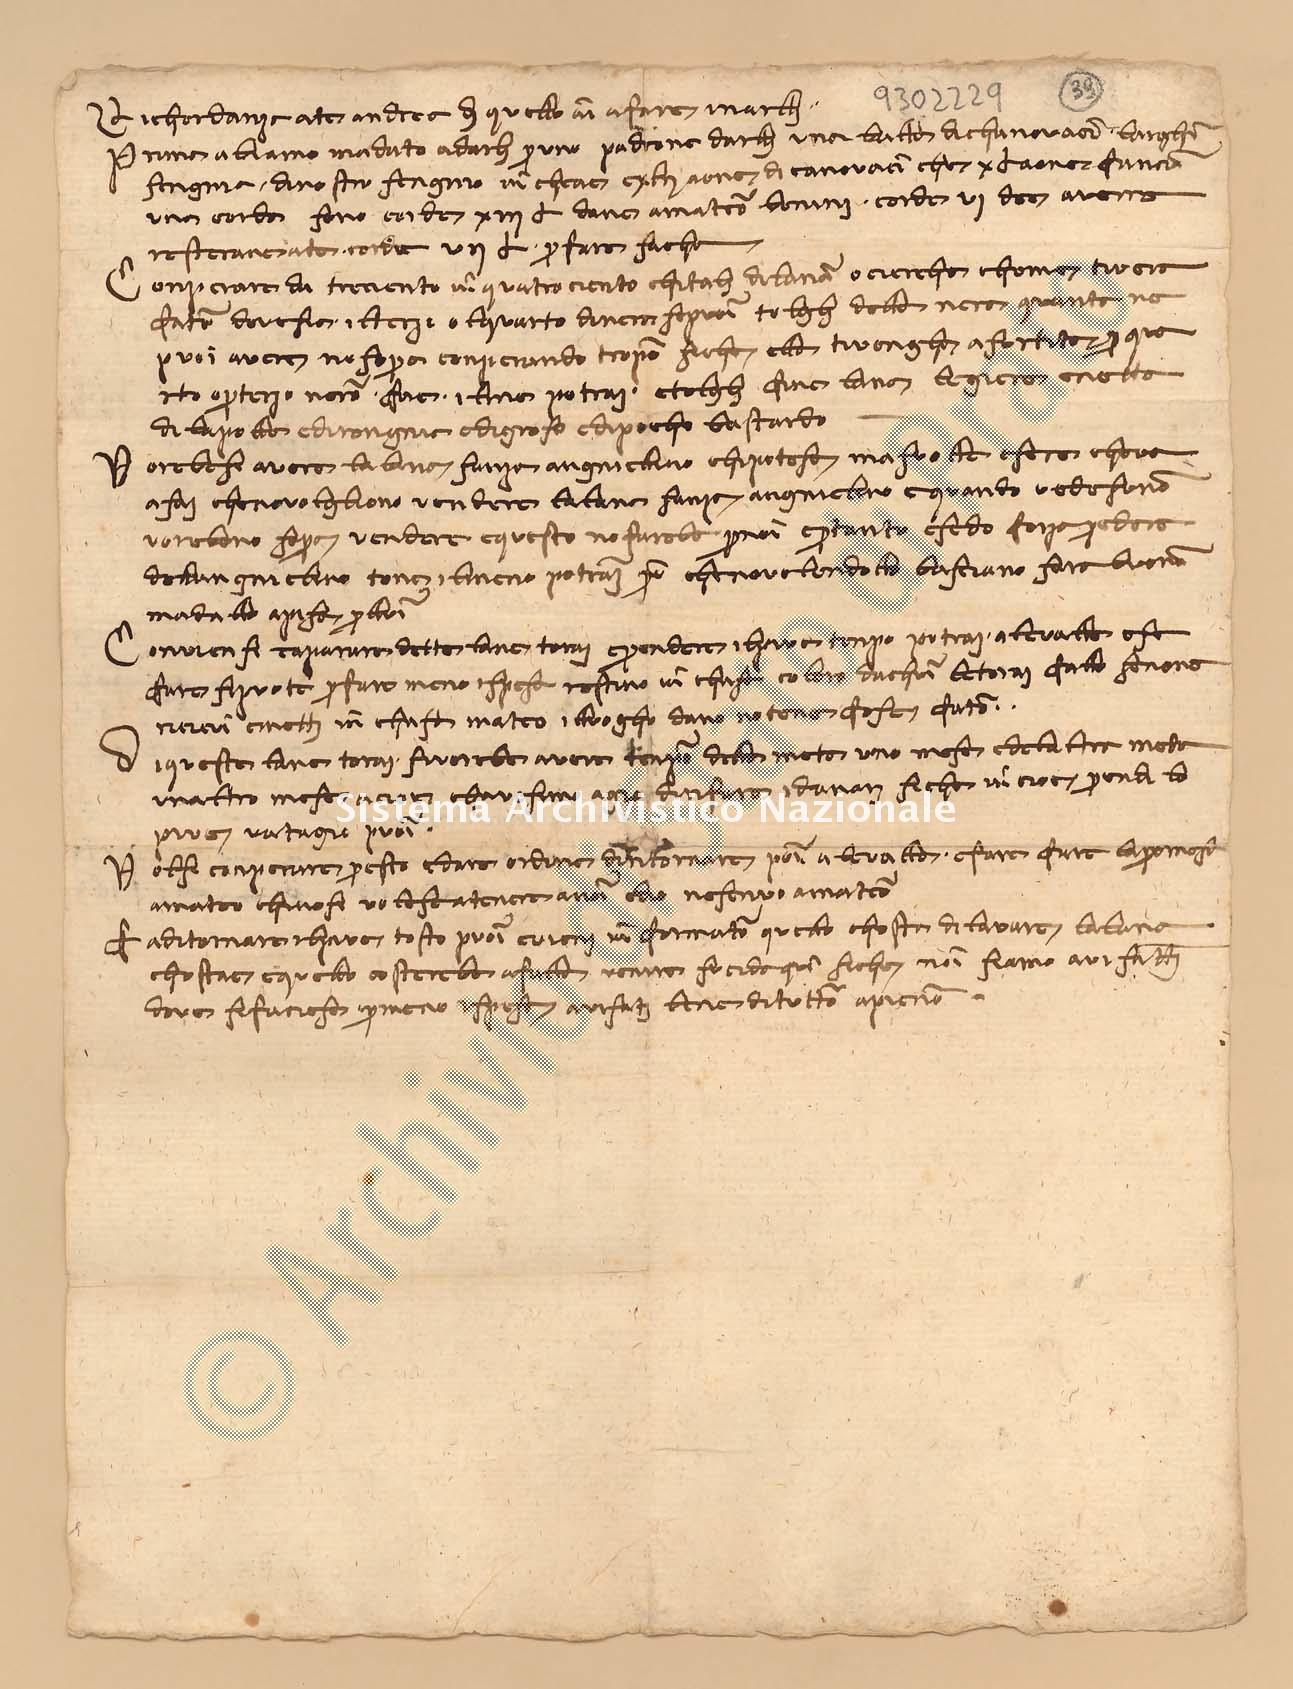 Archivio di Stato di Prato, Fondo Datini, Carteggio specializzato, Ricordanze, Busta 1166 (busta 1166, codice 9302229)